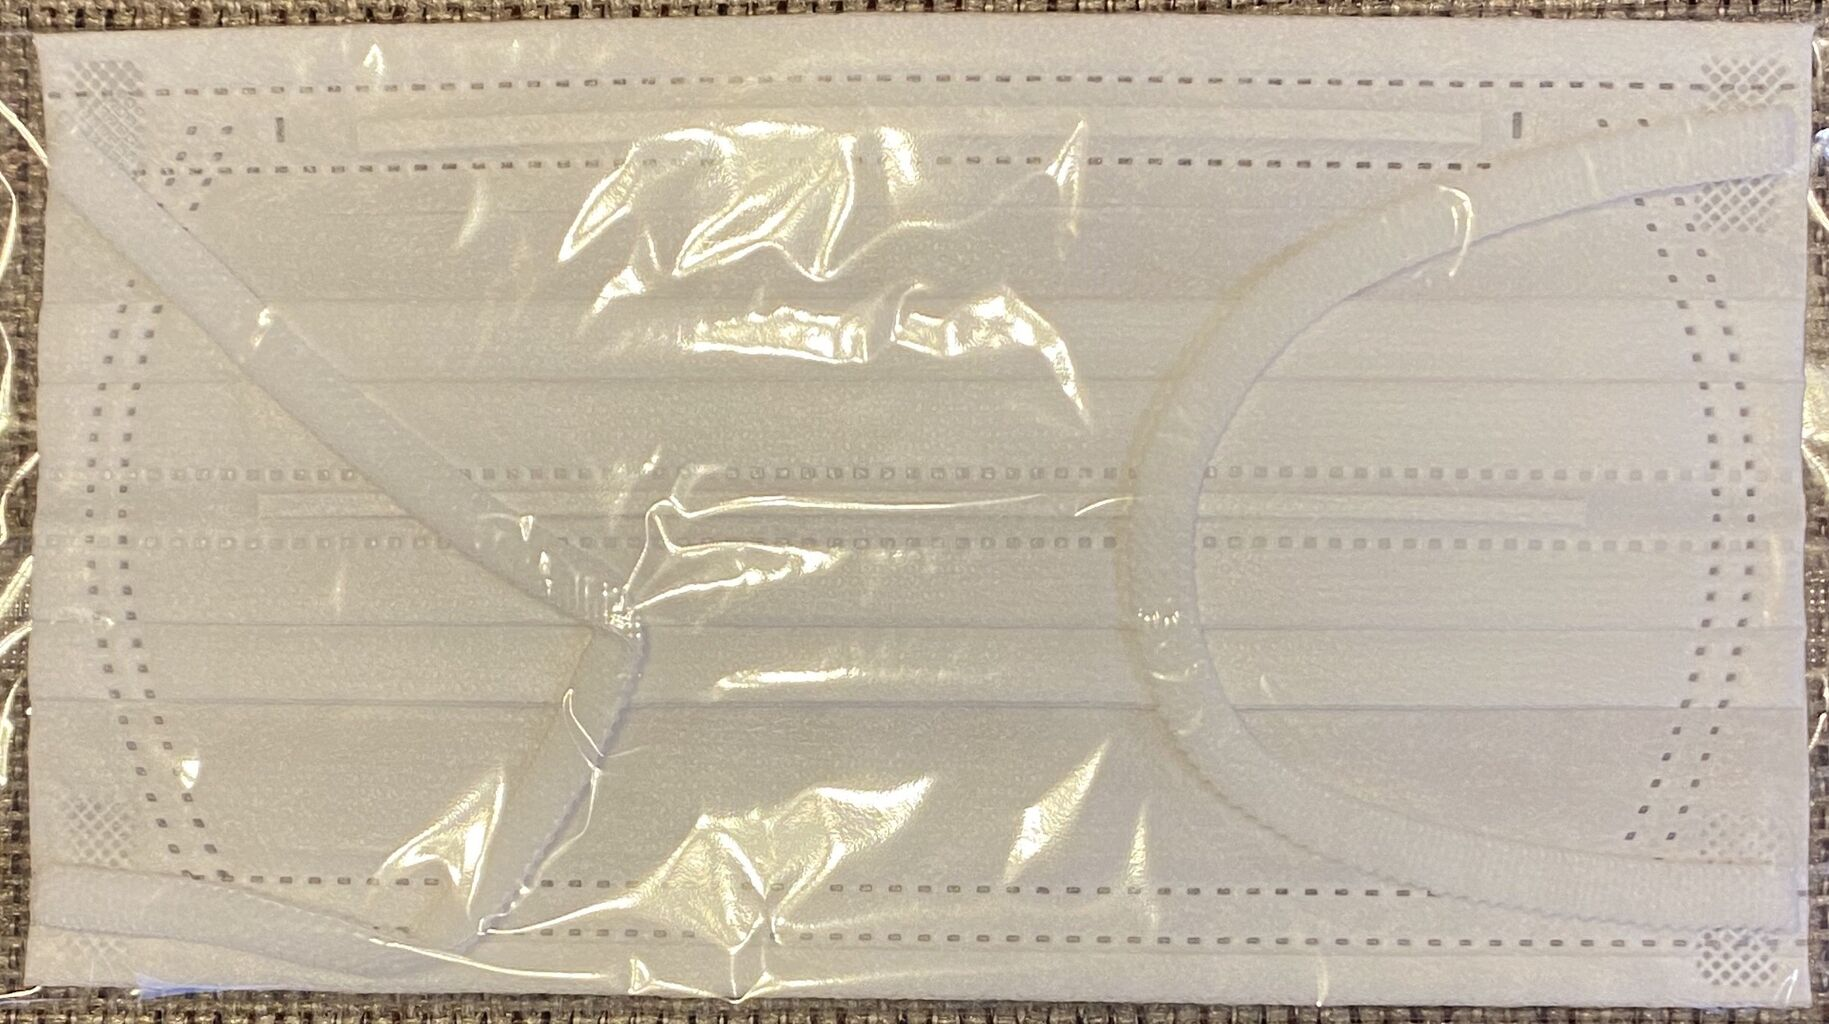 多摩境 マスク コストコ コストコマニアおすすめ食品・お菓子!スタッフ推し&買うべき人気商品53選